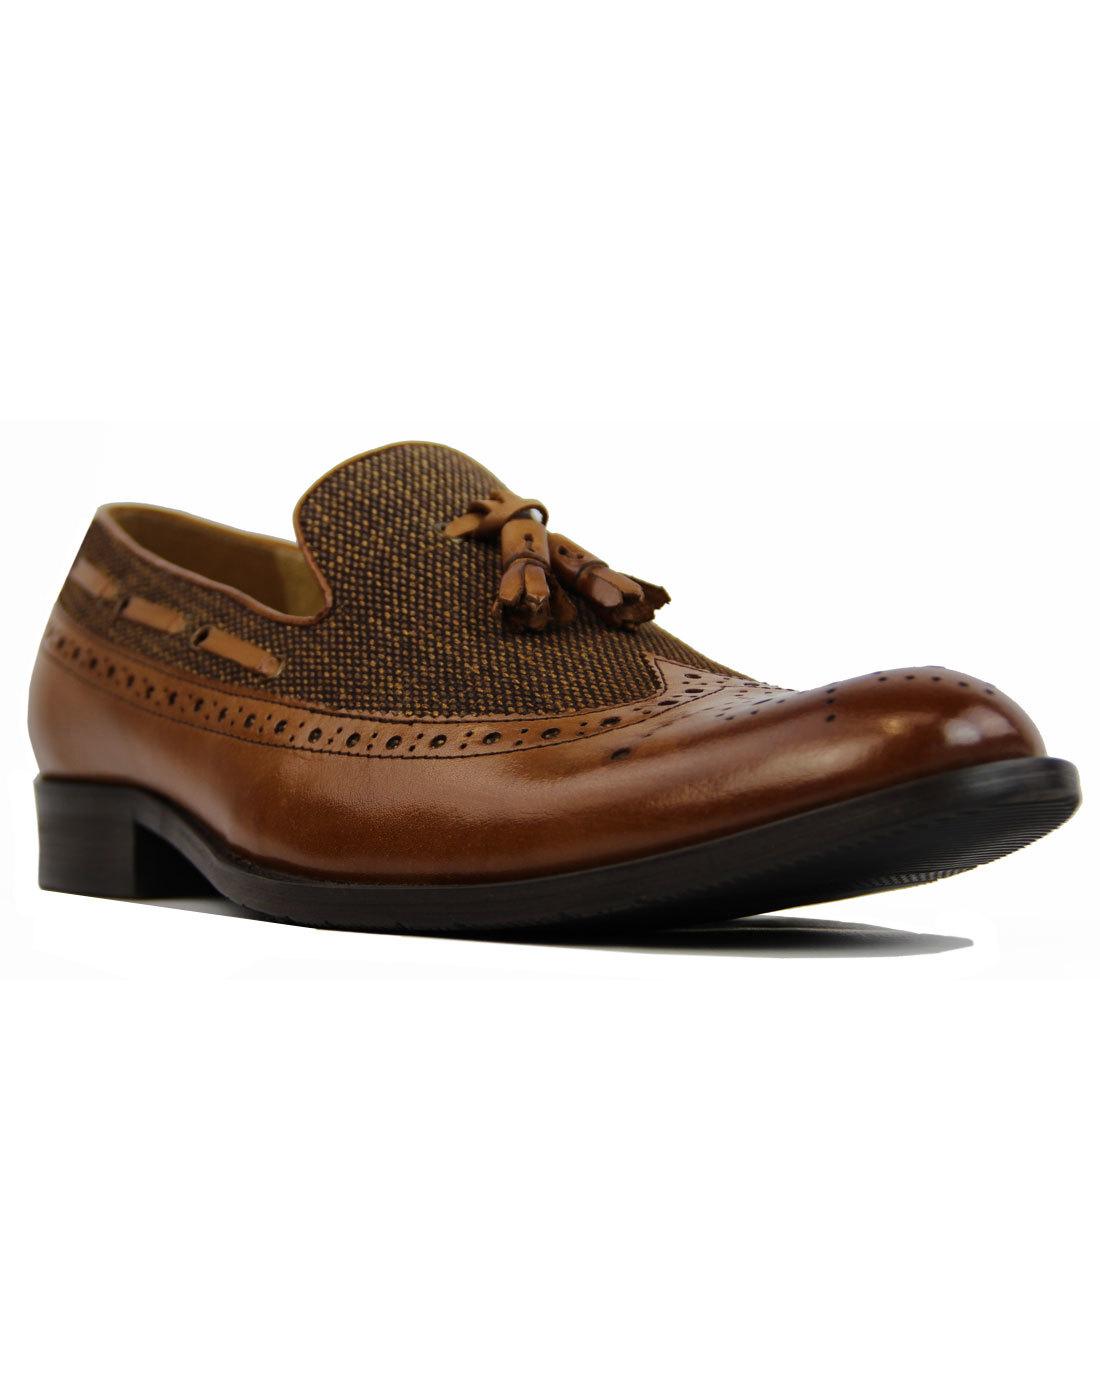 Nauvarro PAOLO VANDINI Mod Tweed Leather Loafers